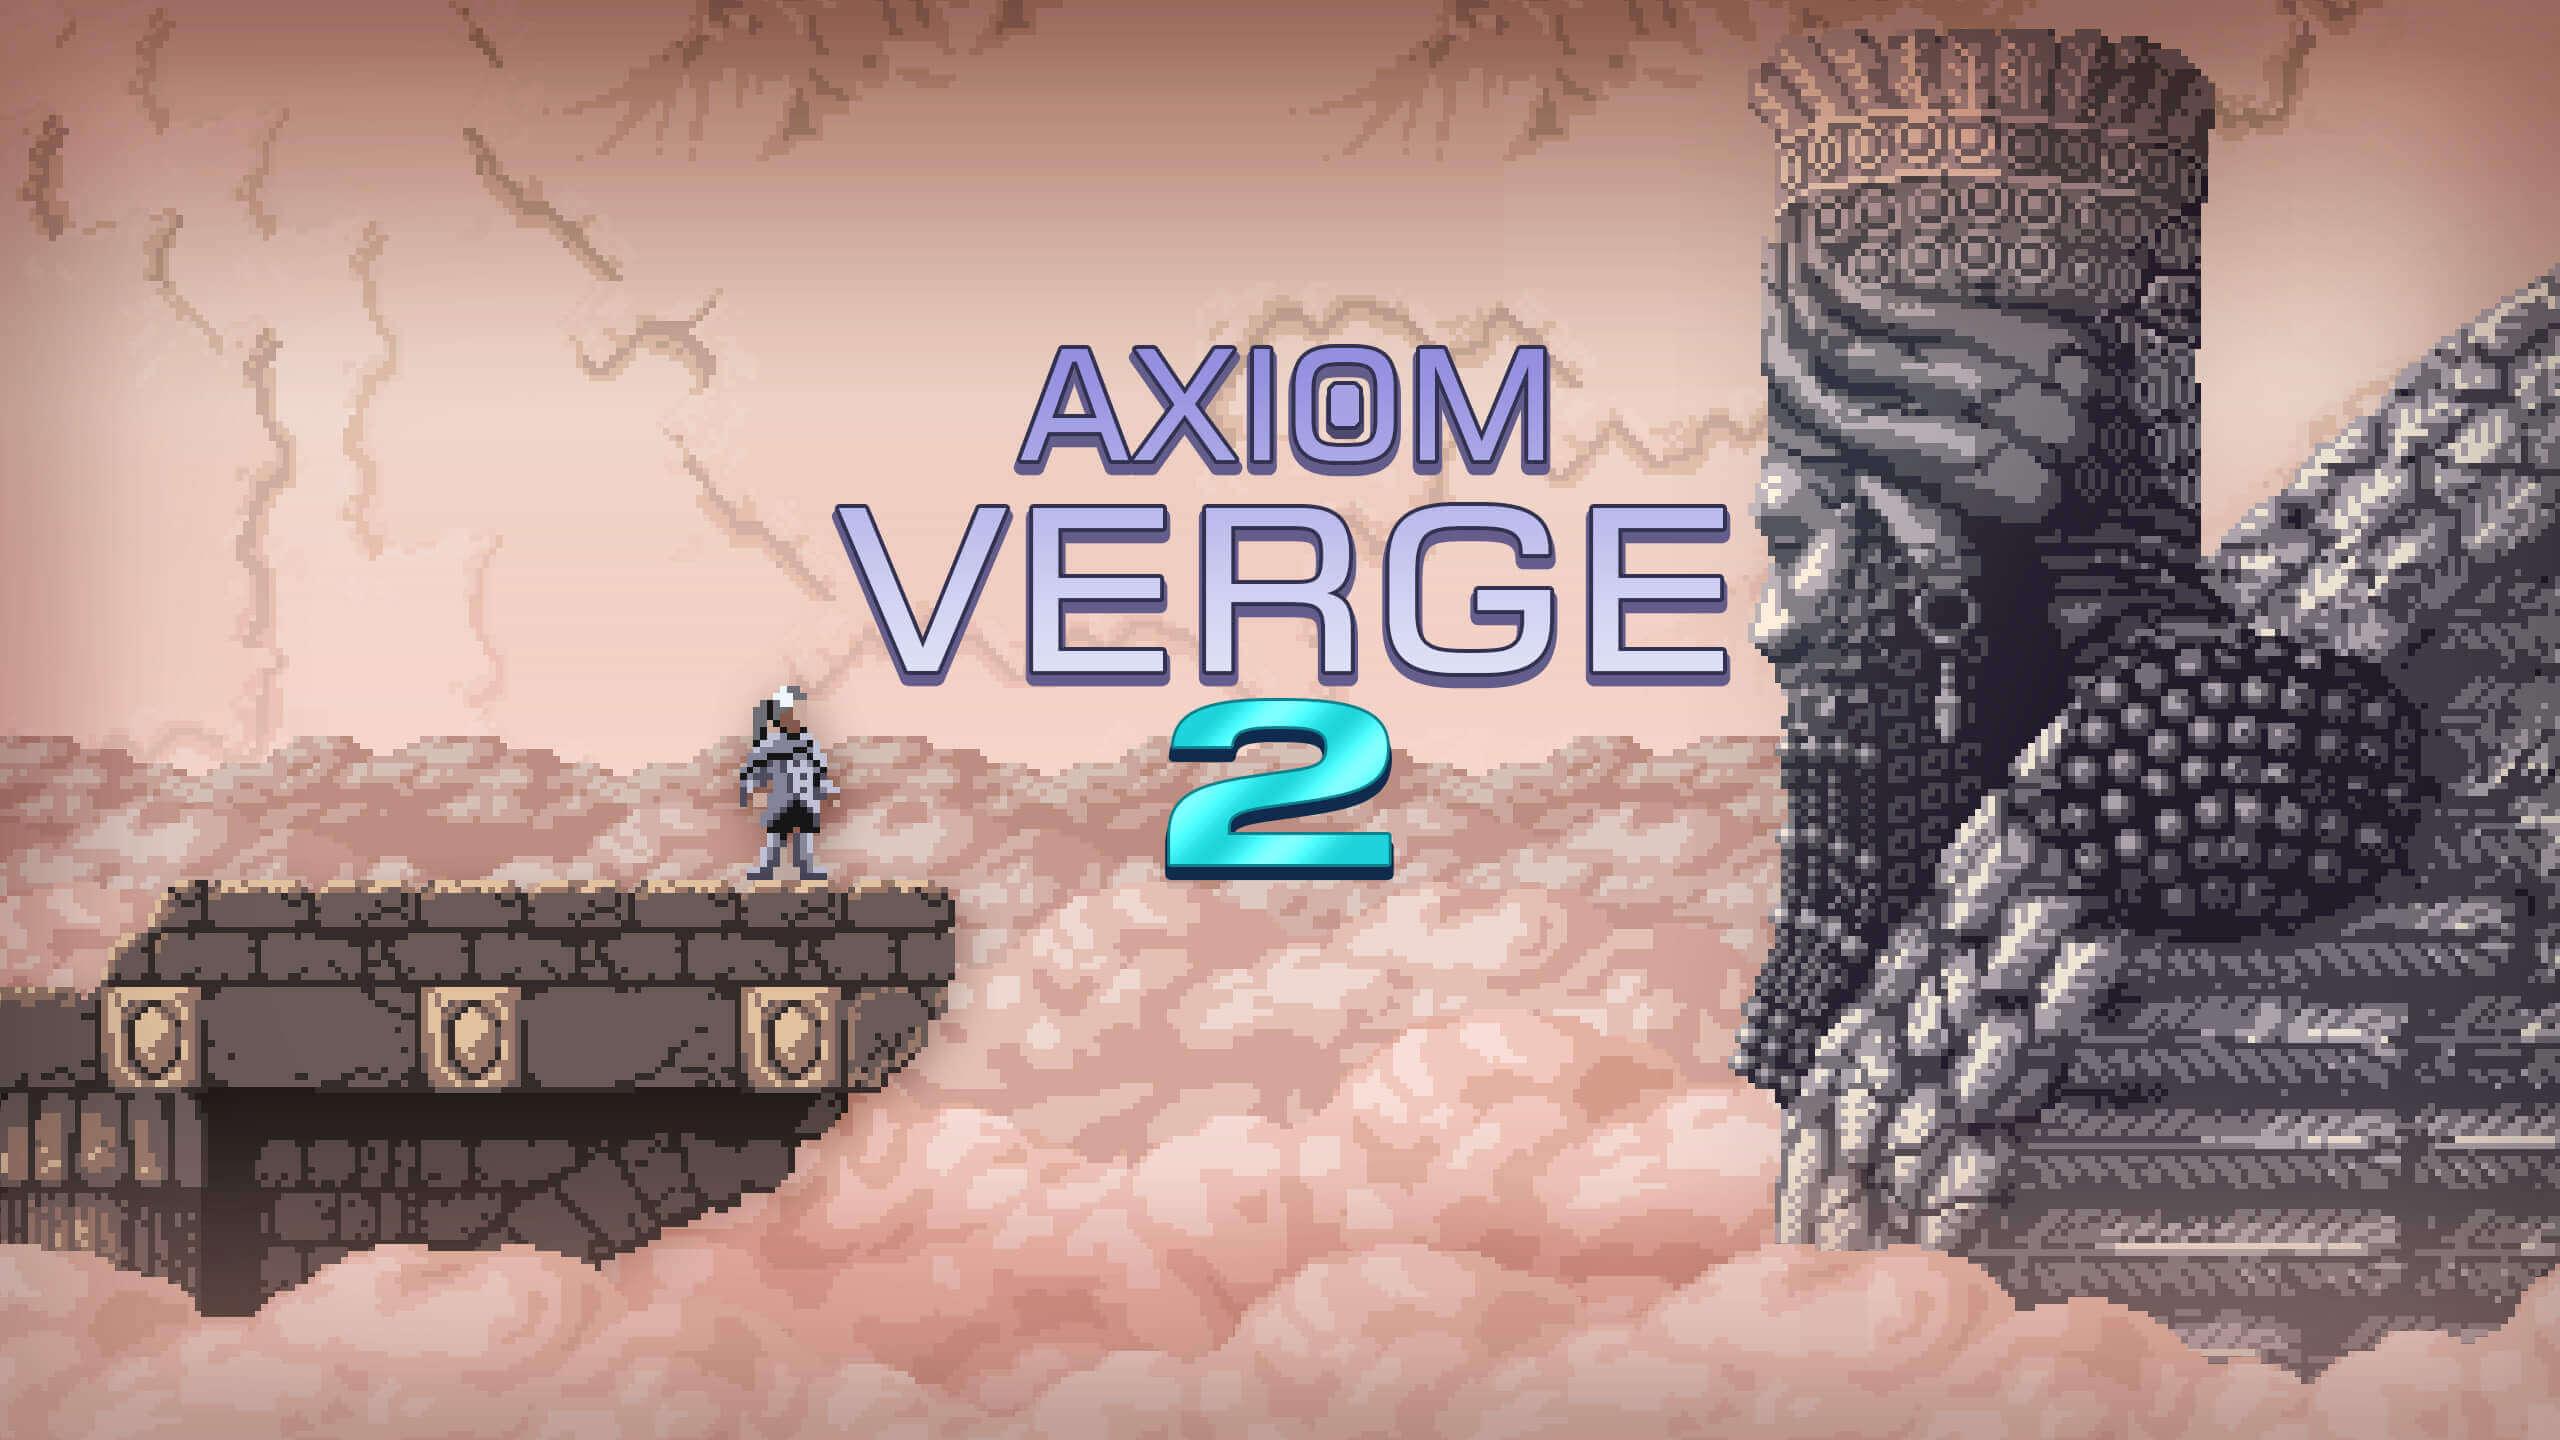 Axiom Verge 2 S1